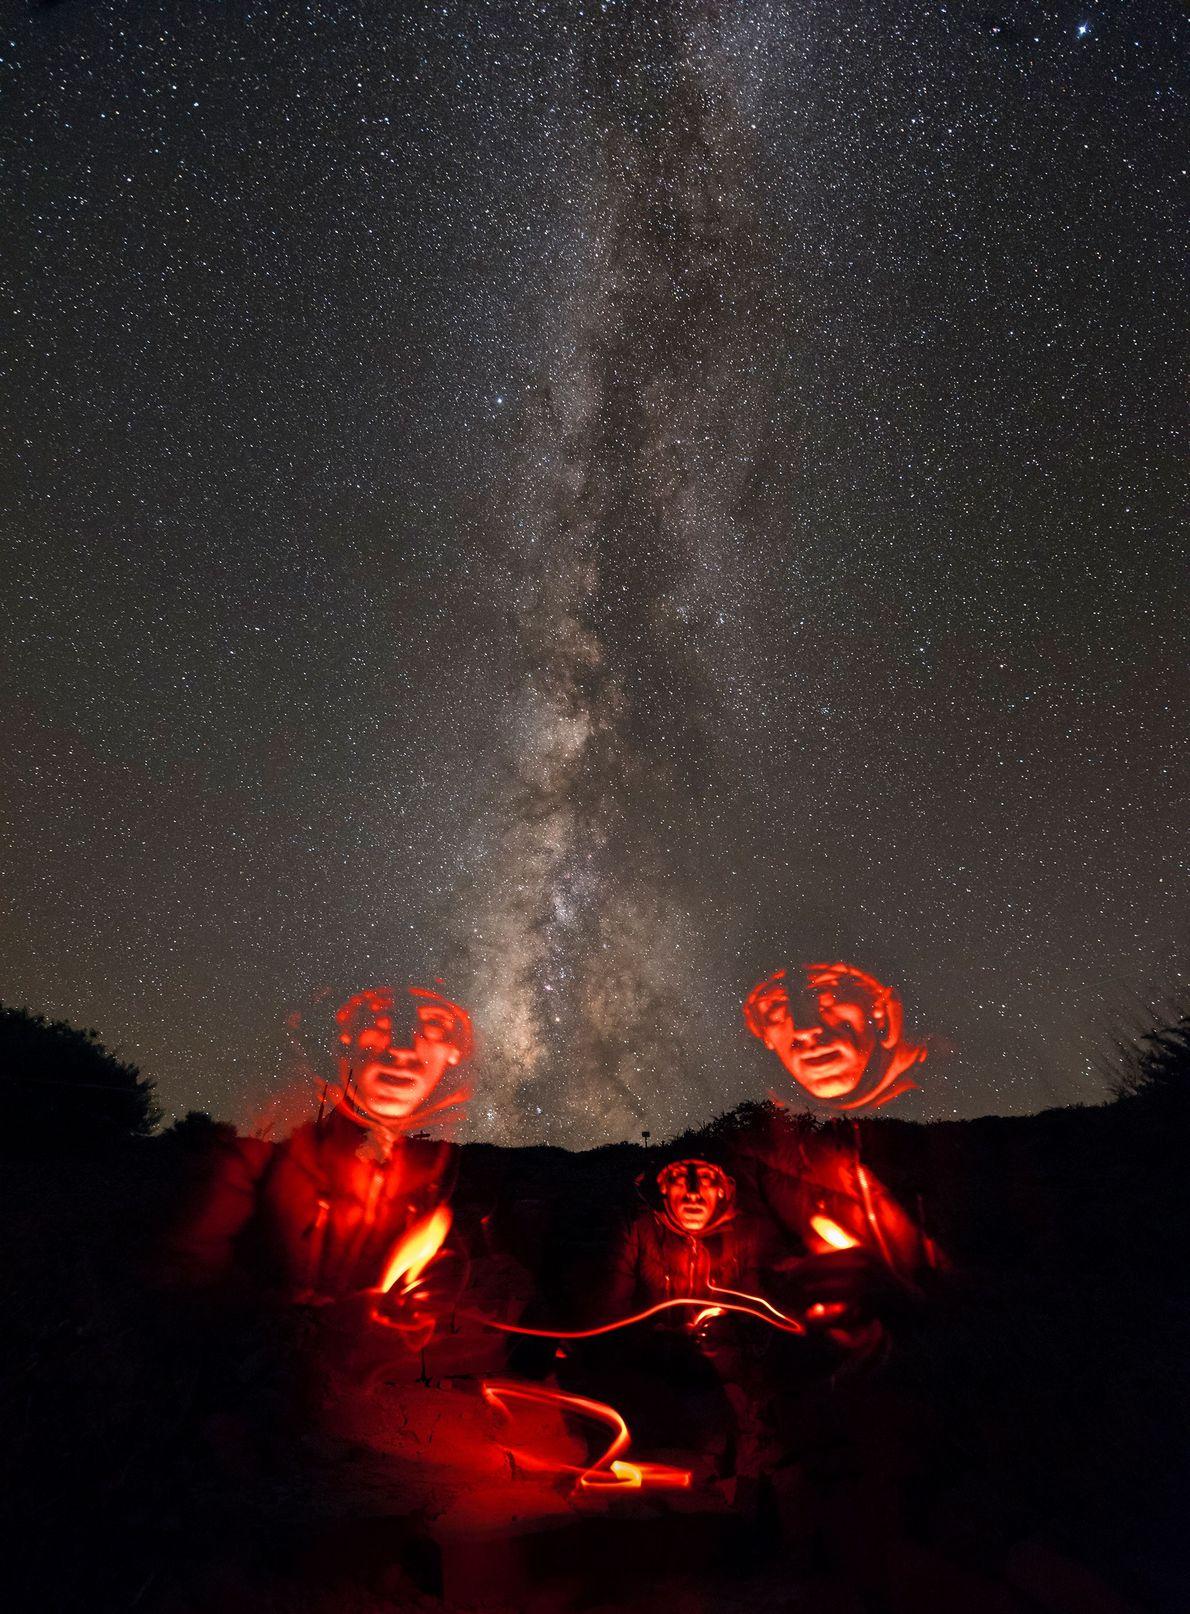 Ein Fotograf macht unter der Milchstraße ein Selbstporträt. Er nutzt dabei eine lange Belichtungszeit, um sein ...